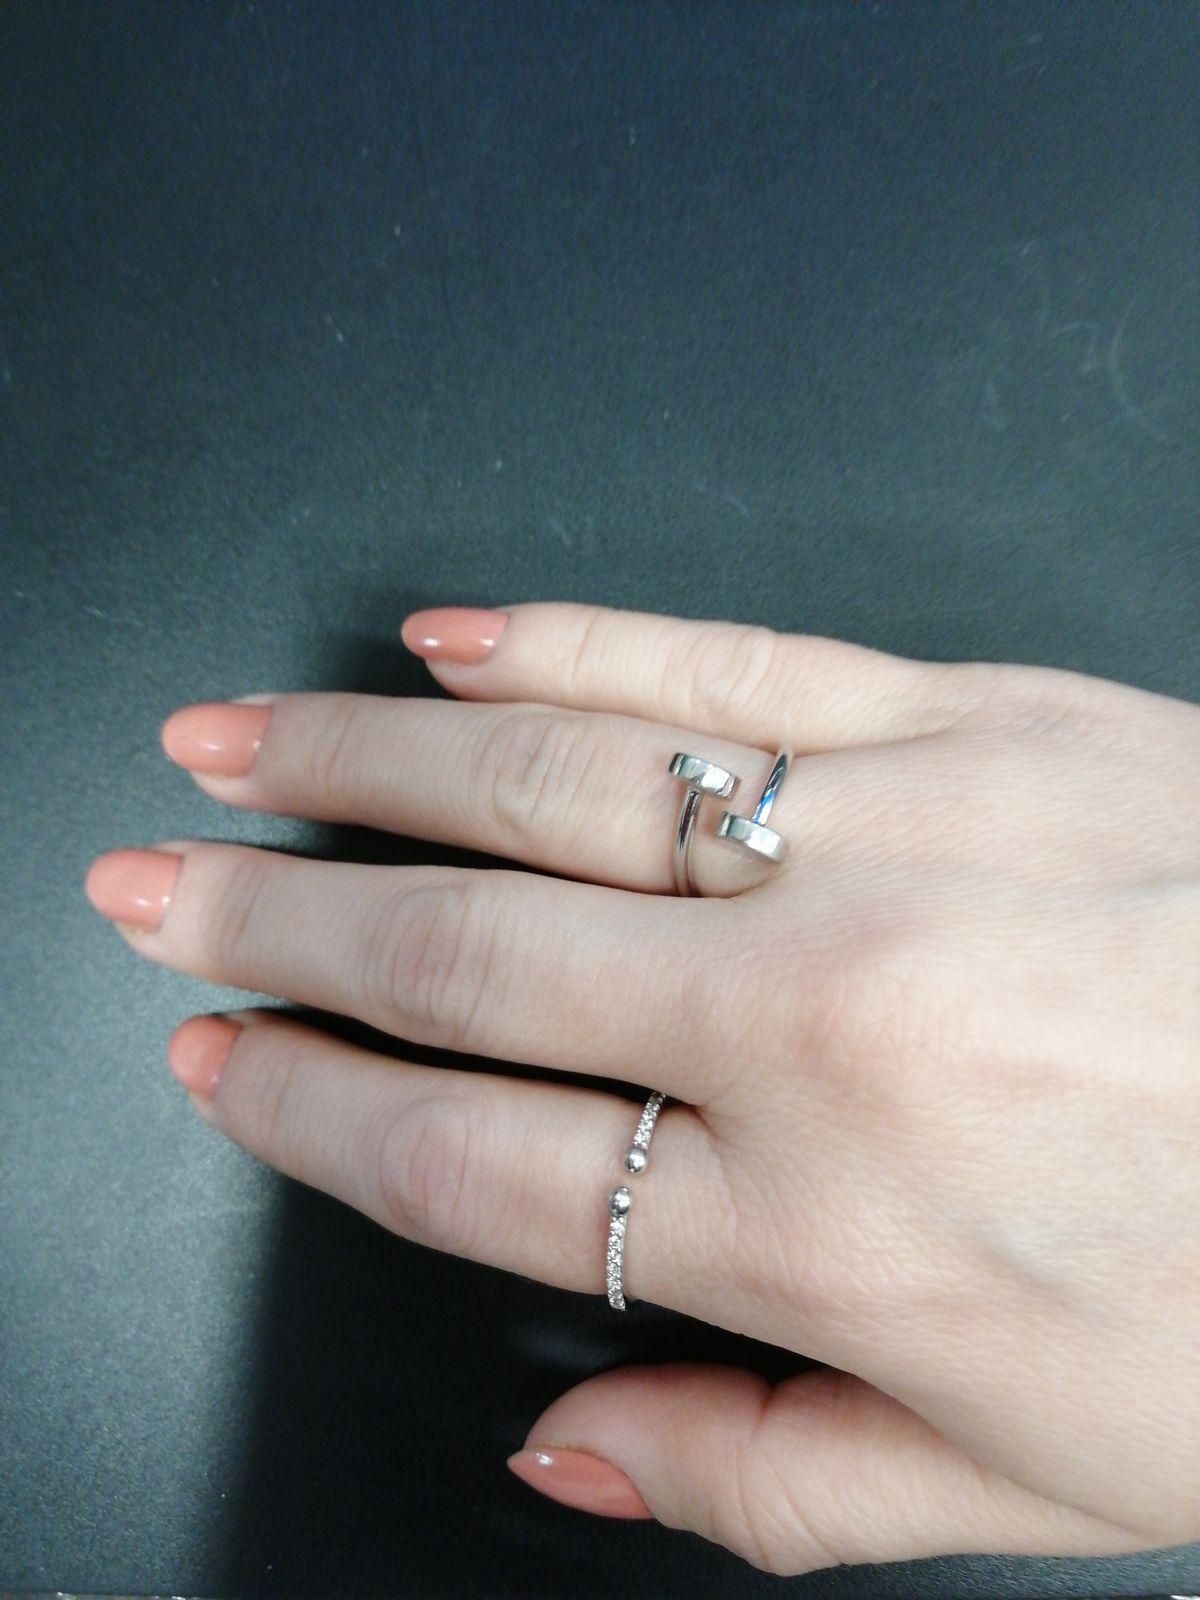 Серебряное колечко. Очень оригинально смотрится на руке! Всем советую!